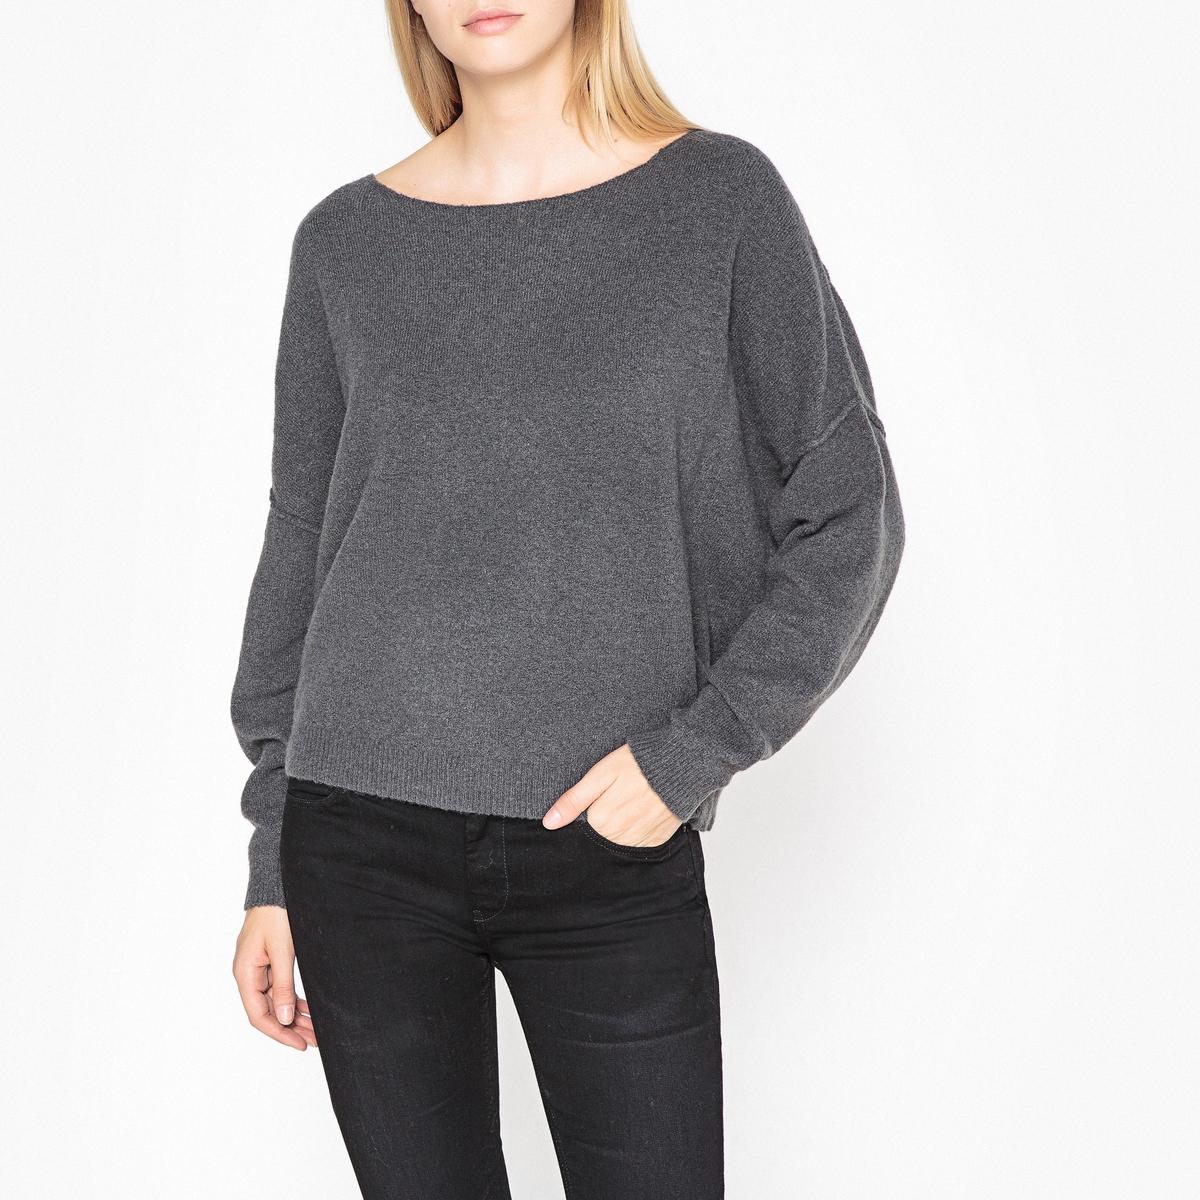 Пуловер La Redoute Из хлопка и кашемира с вырезом-лодочкой DAMSVILLE M/L серый